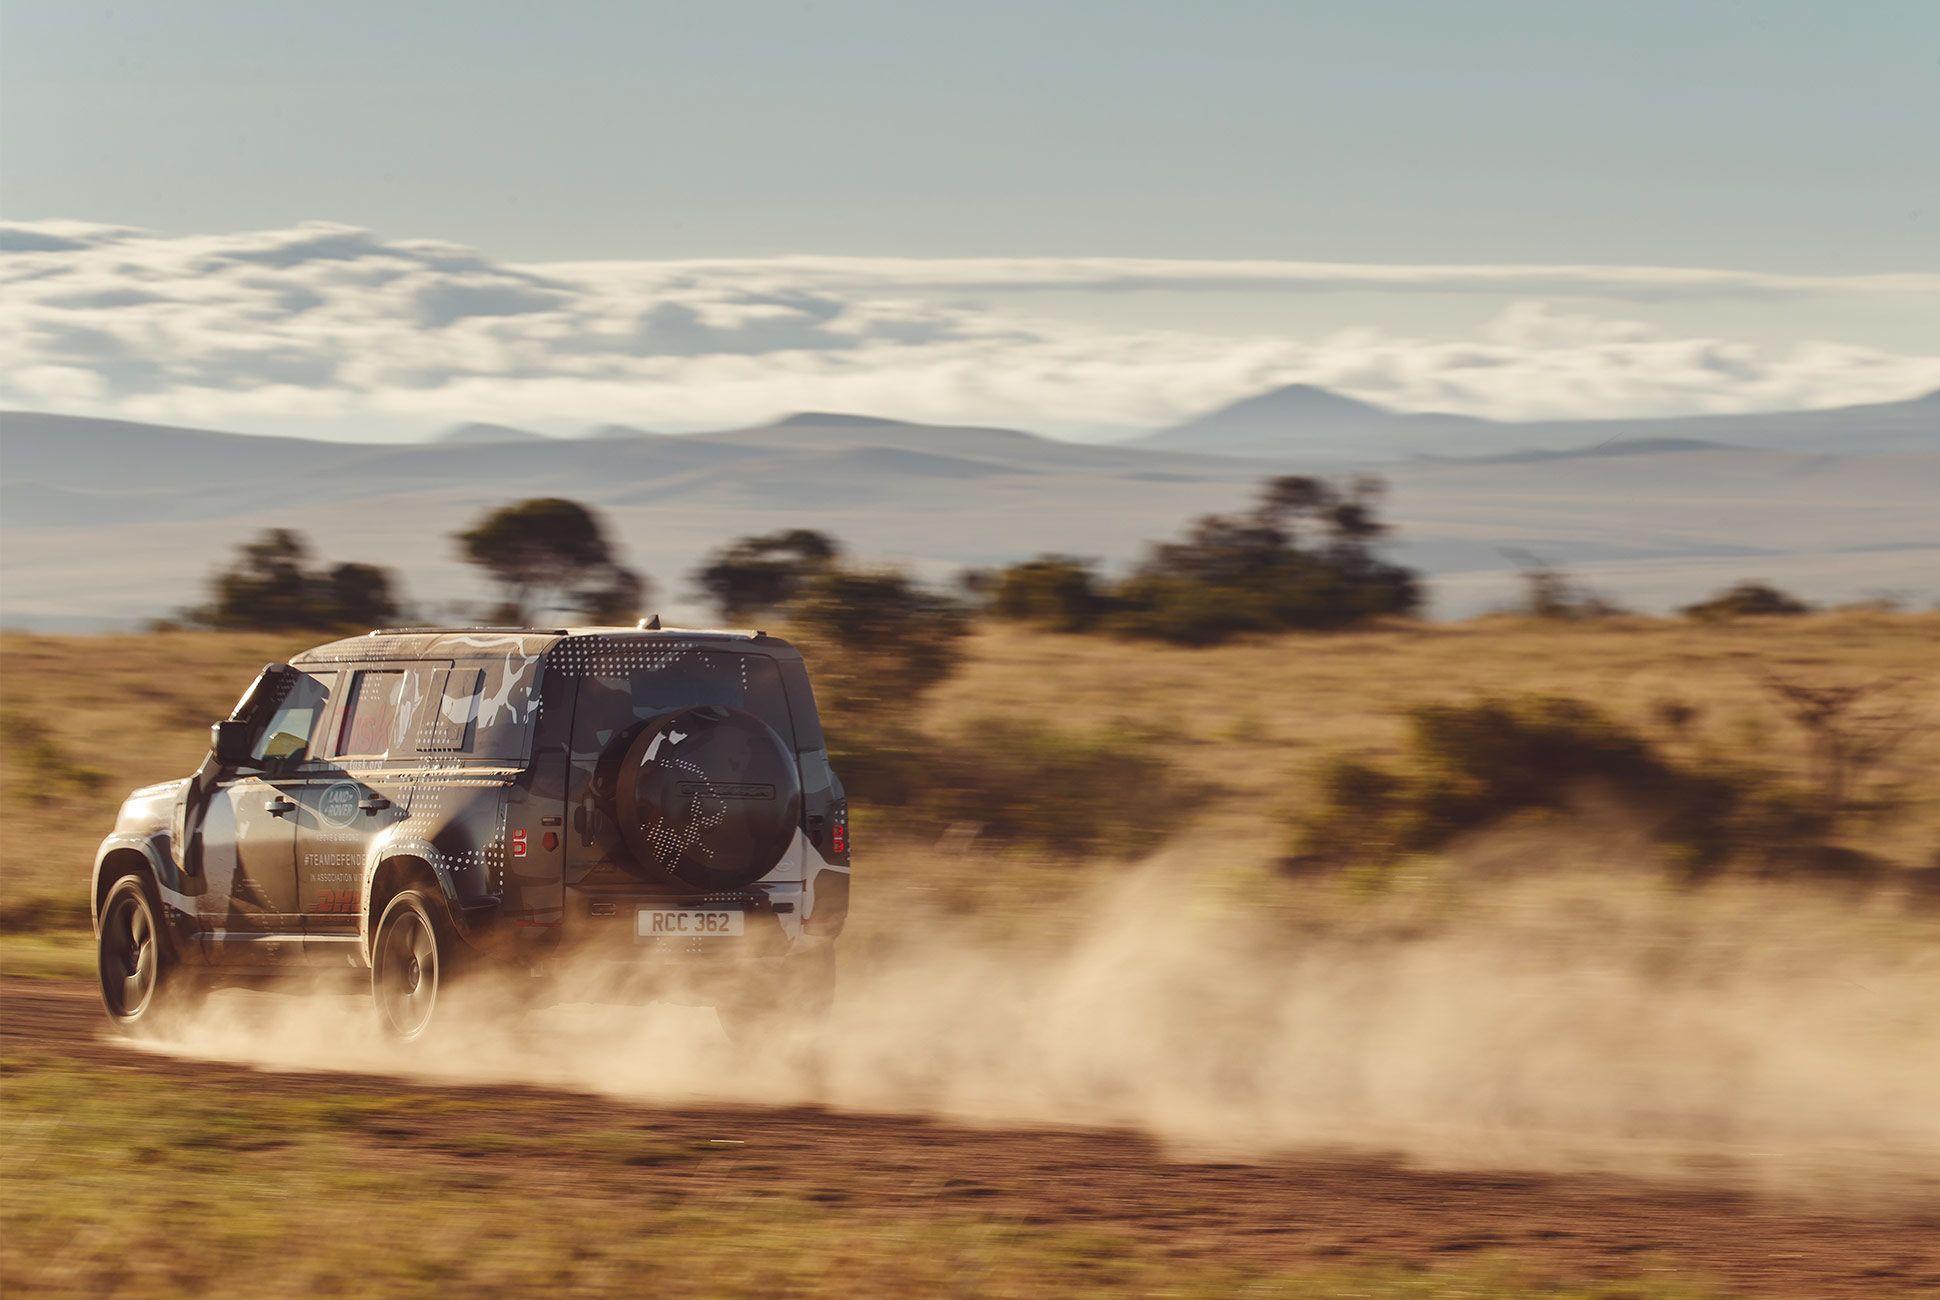 Land-Rover-Defender-Africa-Testing-gear-patrol-slide-7